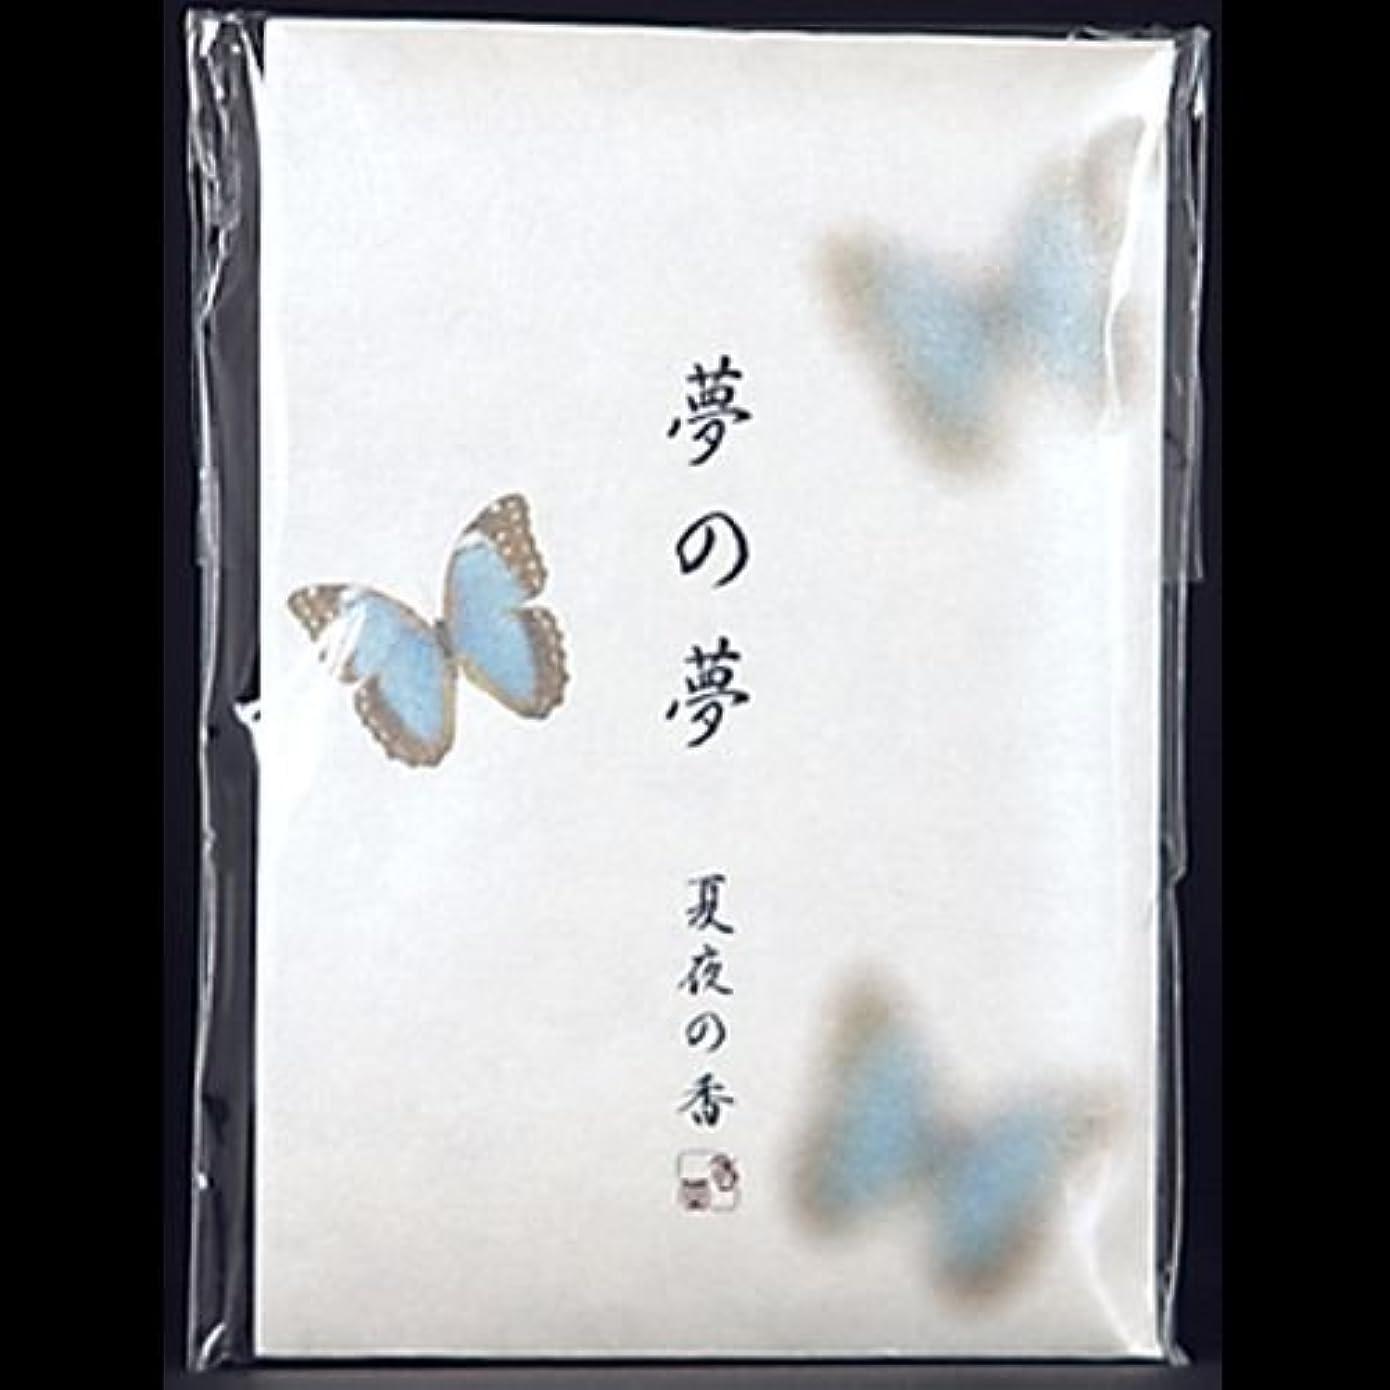 重大すみません多様性【まとめ買い】夢の夢 夏夜の香 (蝶々) スティック12本入 ×2セット